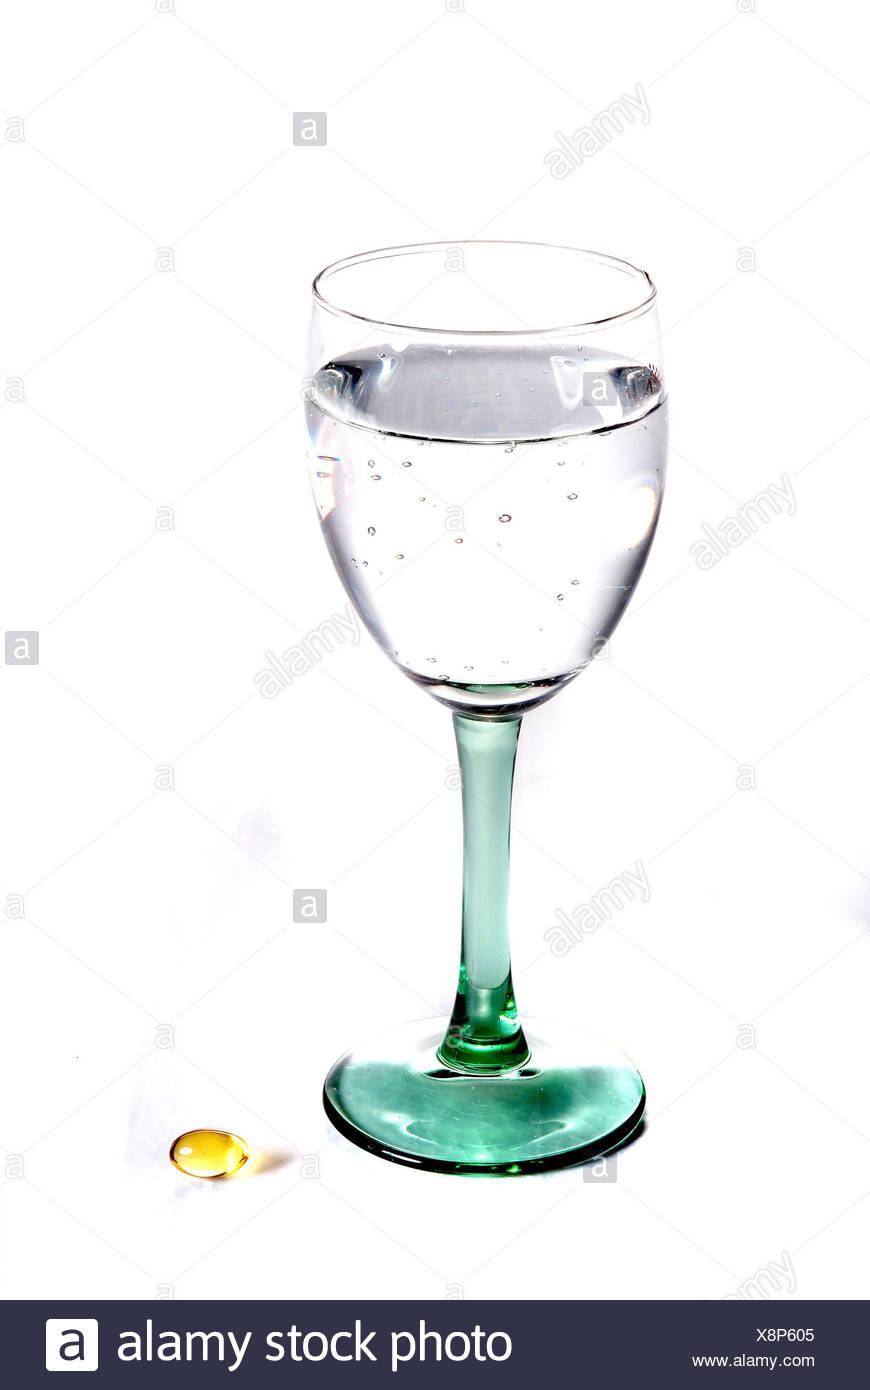 Vaso de Agua, Fischölkapsel, cristal, agua, agua mineral, ácido carbónico, tome, beber, cápsulas, cápsulas Fischöl Fischöl, las enfermedades, la nutrición, la salud, la fotografía del producto, hipovitaminosis, prevenir, suplemento alimenticio significa, Imagen De Stock